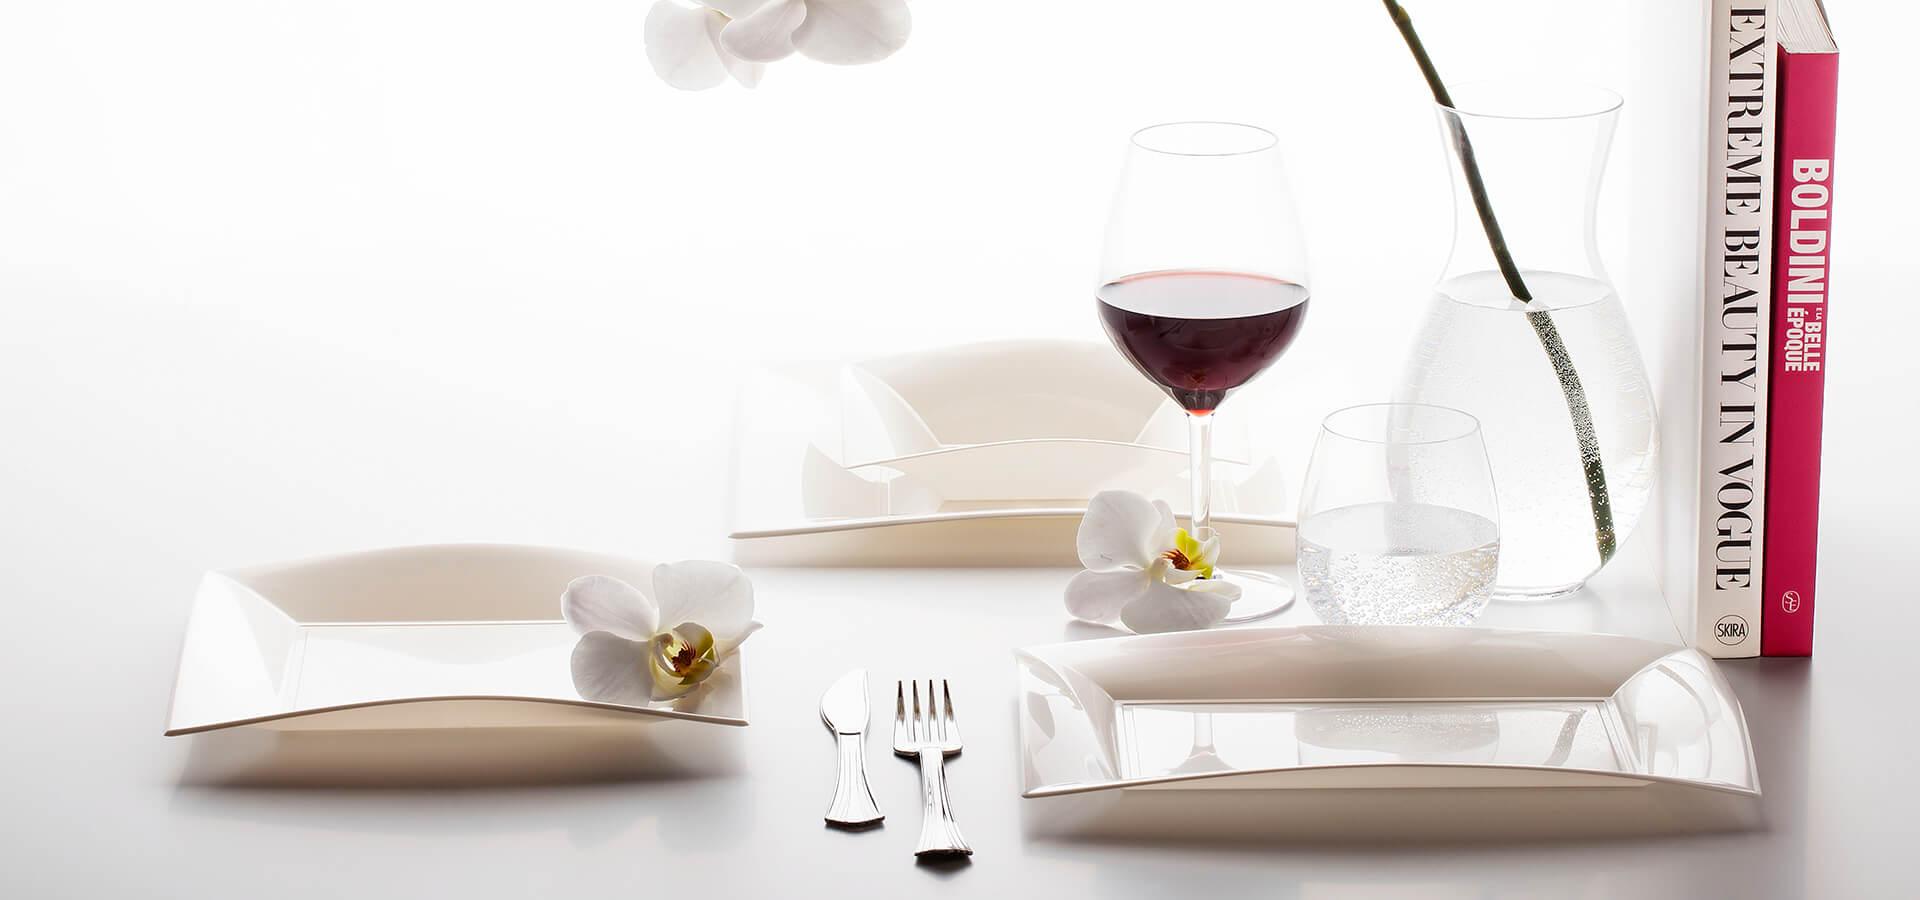 tableware-goldplast